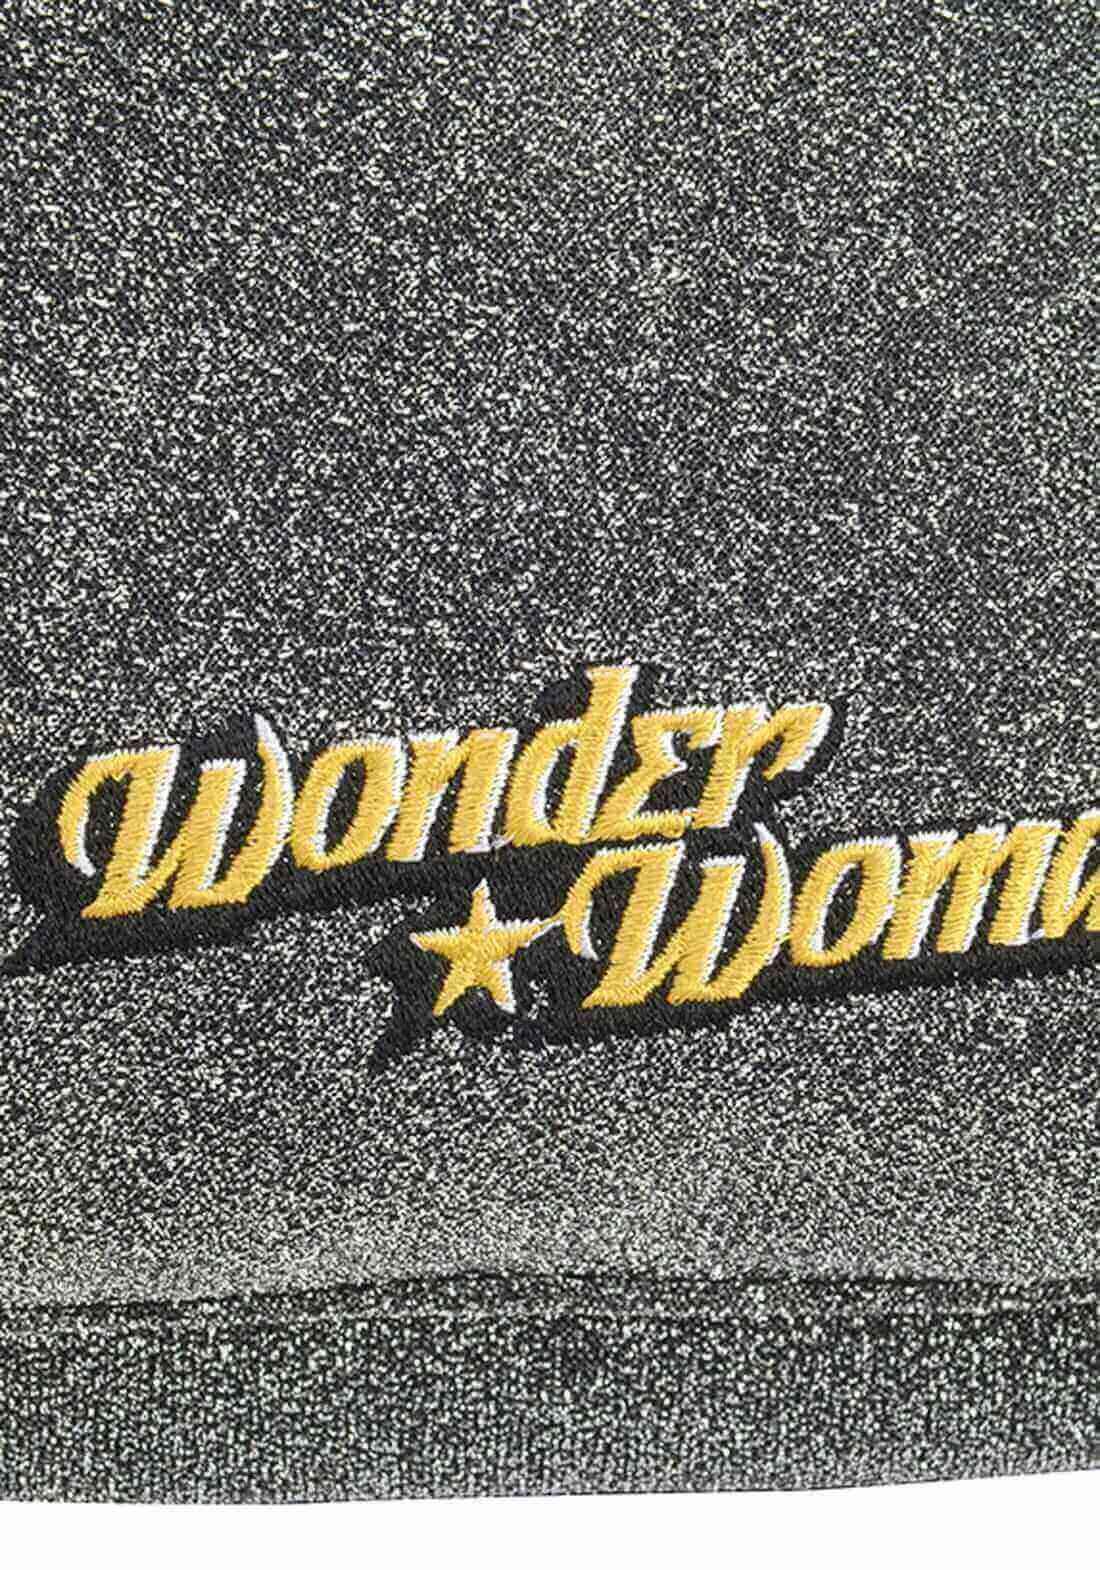 Mochila Mulher Maravilha Wonder Woman Cinza Brilho Original